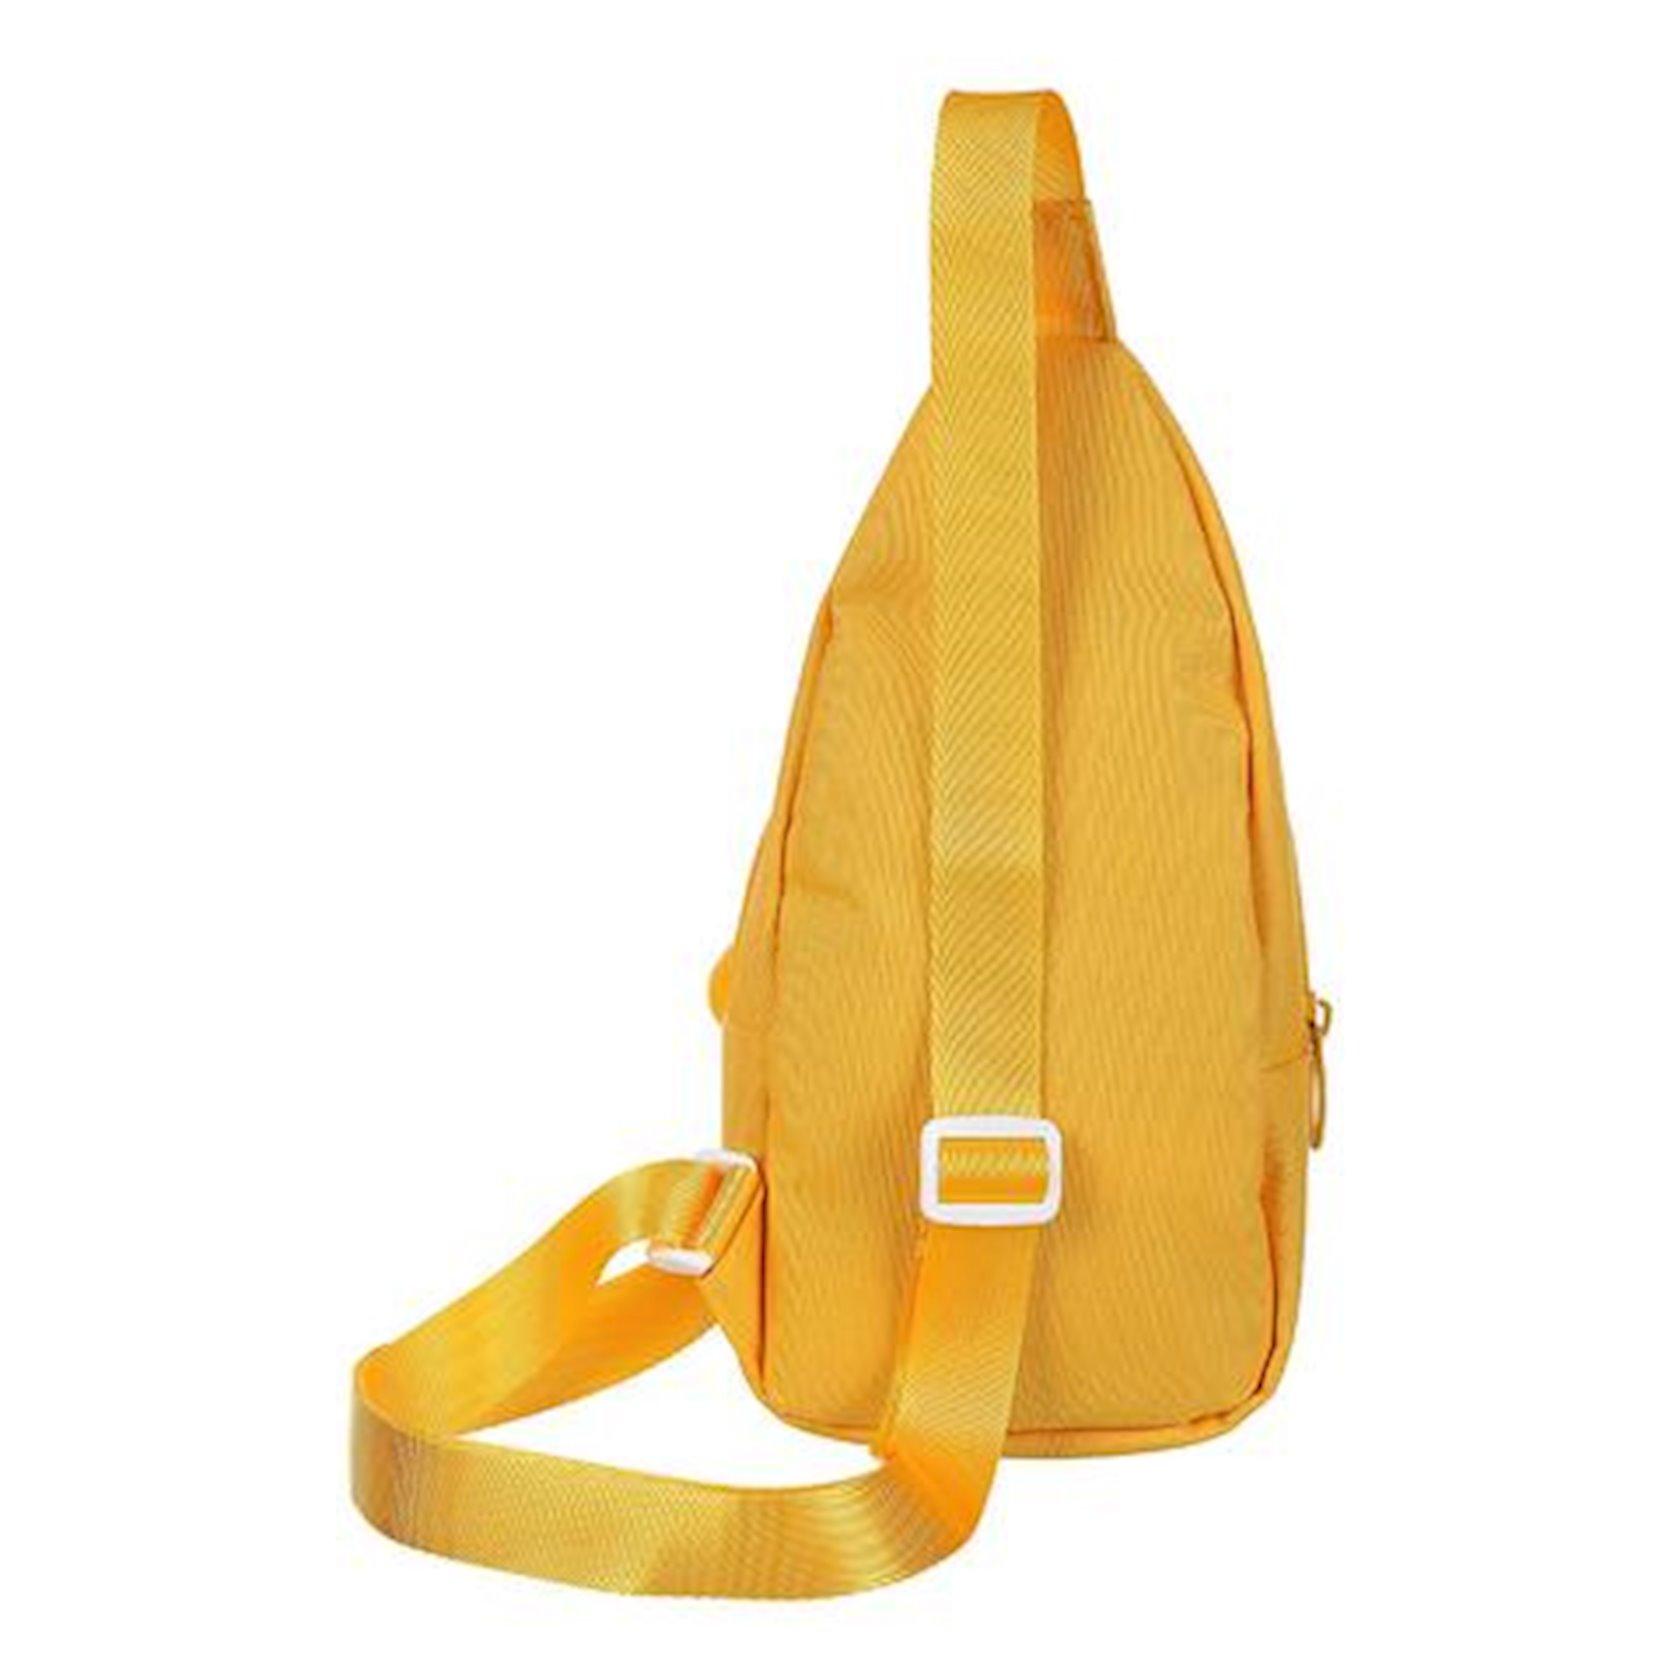 Uşaq bel çantası Miniso Chest Bag Puppy, sarı